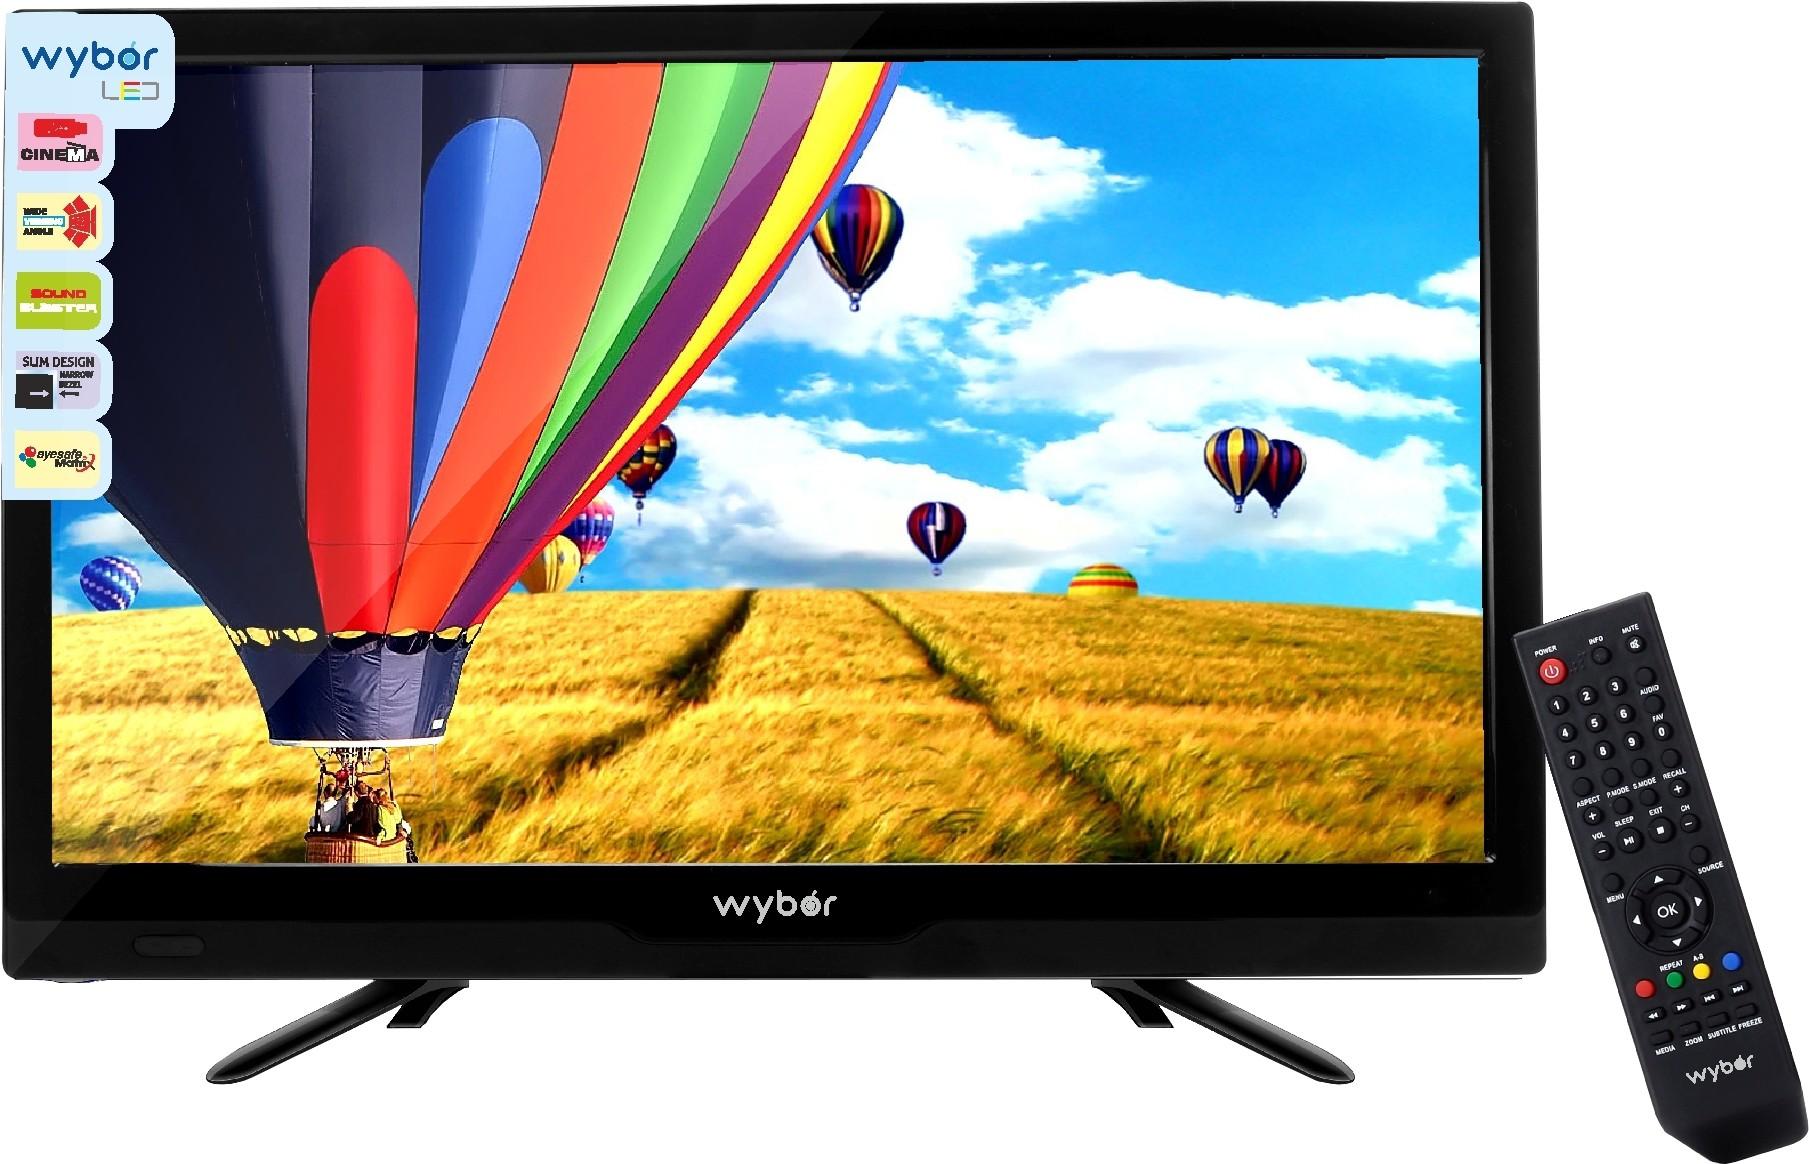 WYBOR W19 47 BOE 19 Inches HD Ready LED TV